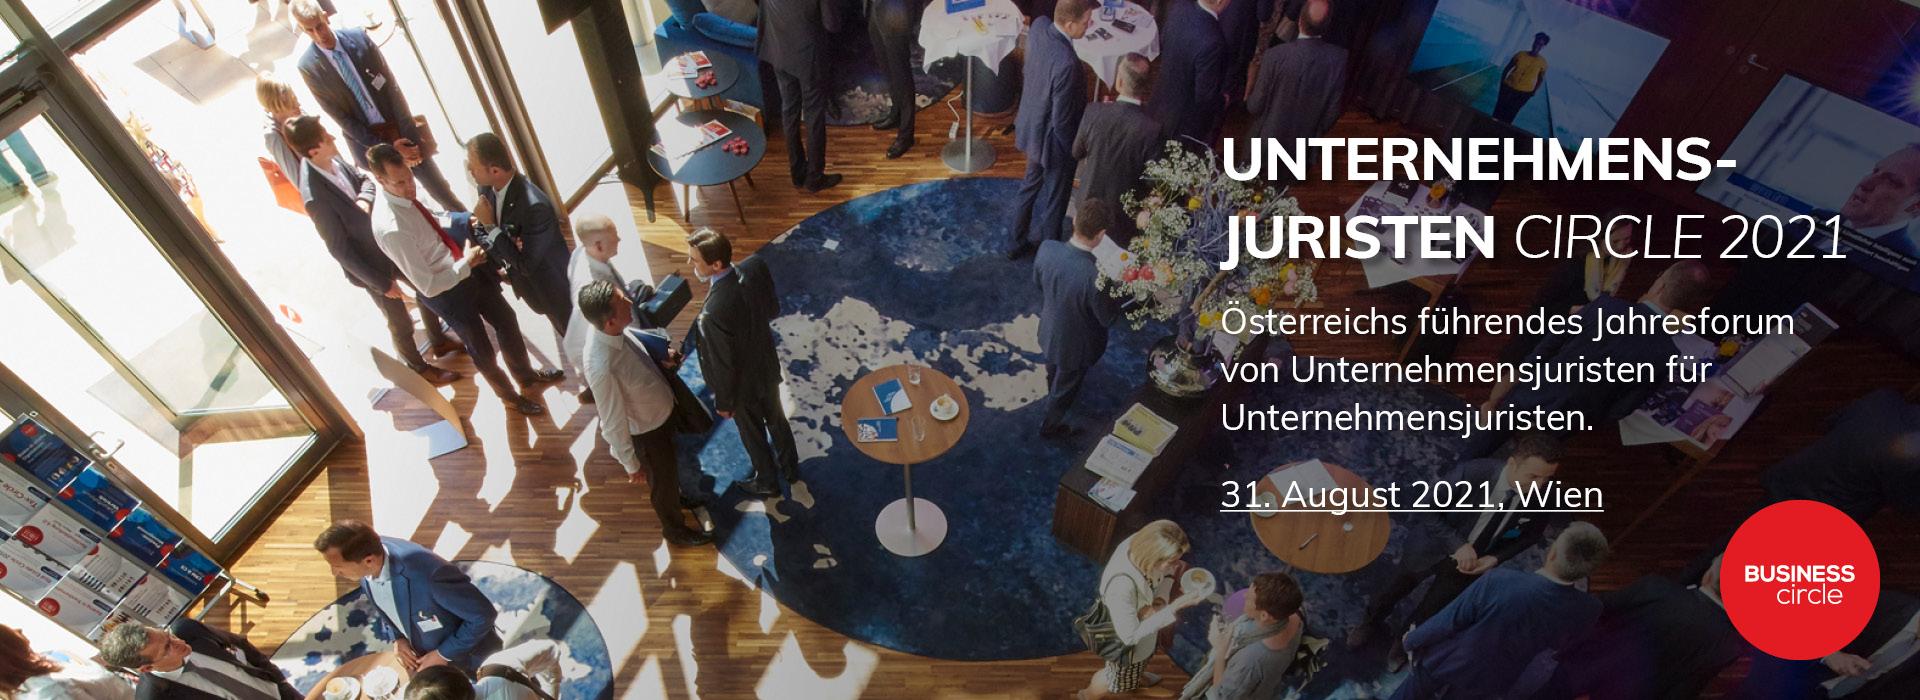 UJU2021 banner 1920x700 1